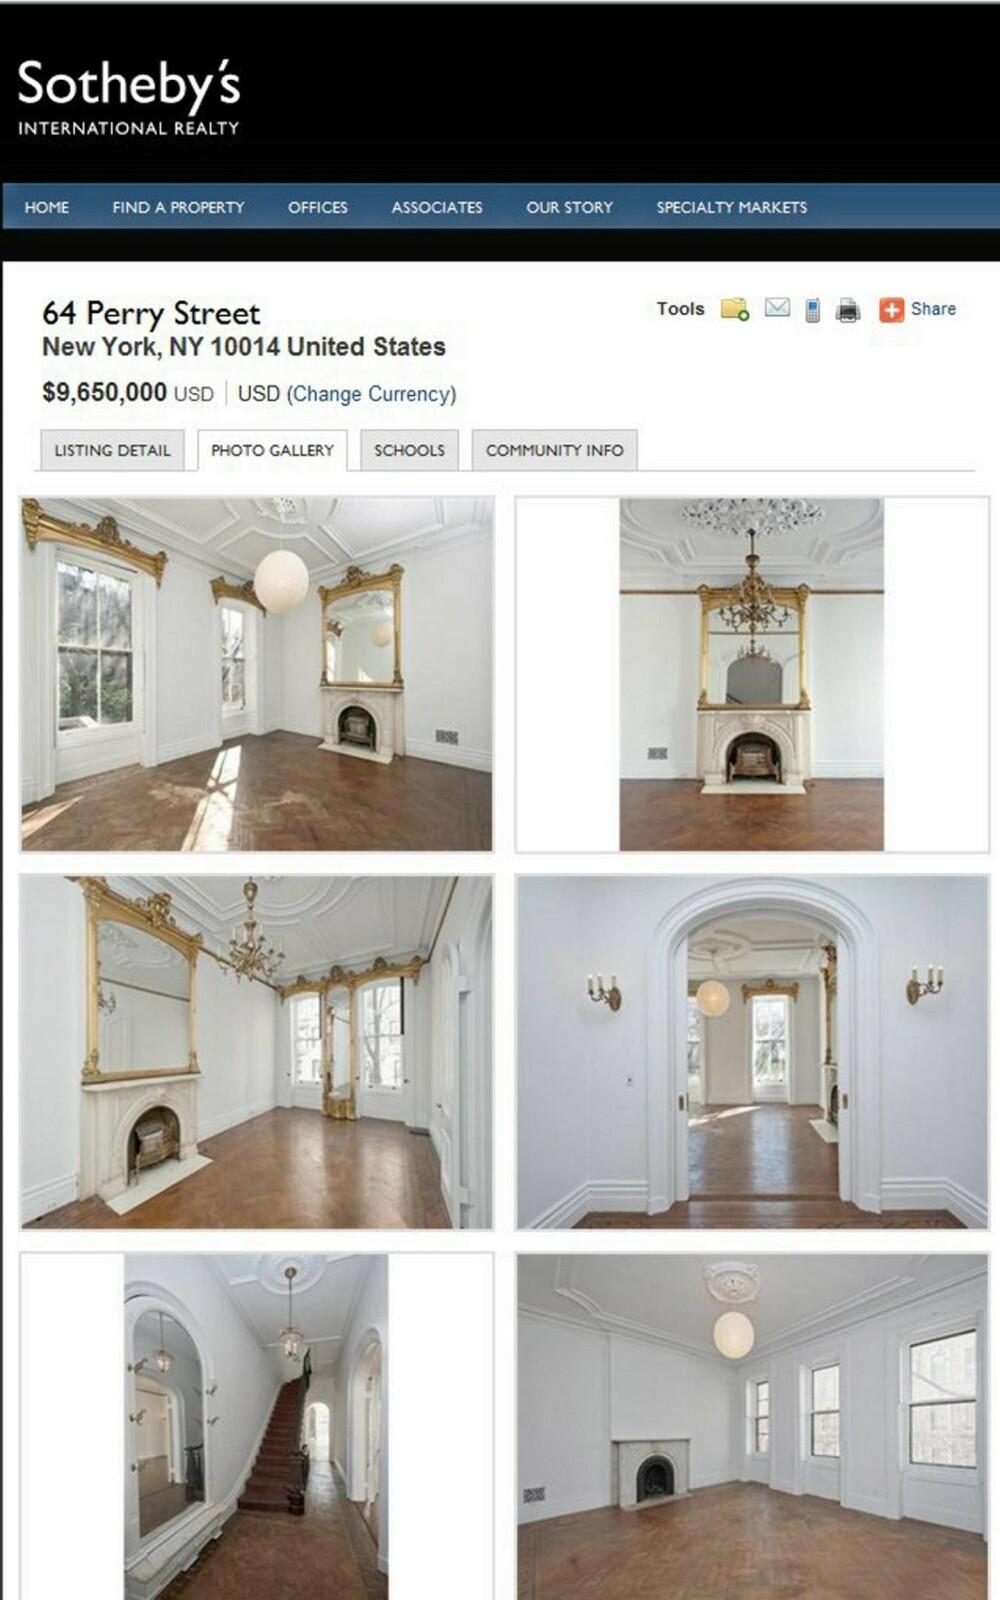 PROSPEKTET: Det er ikke disse rommene vi husker fra tv-serien Sex og singelliv. Men slik ser det egentlig ut i 64 Perry Street.